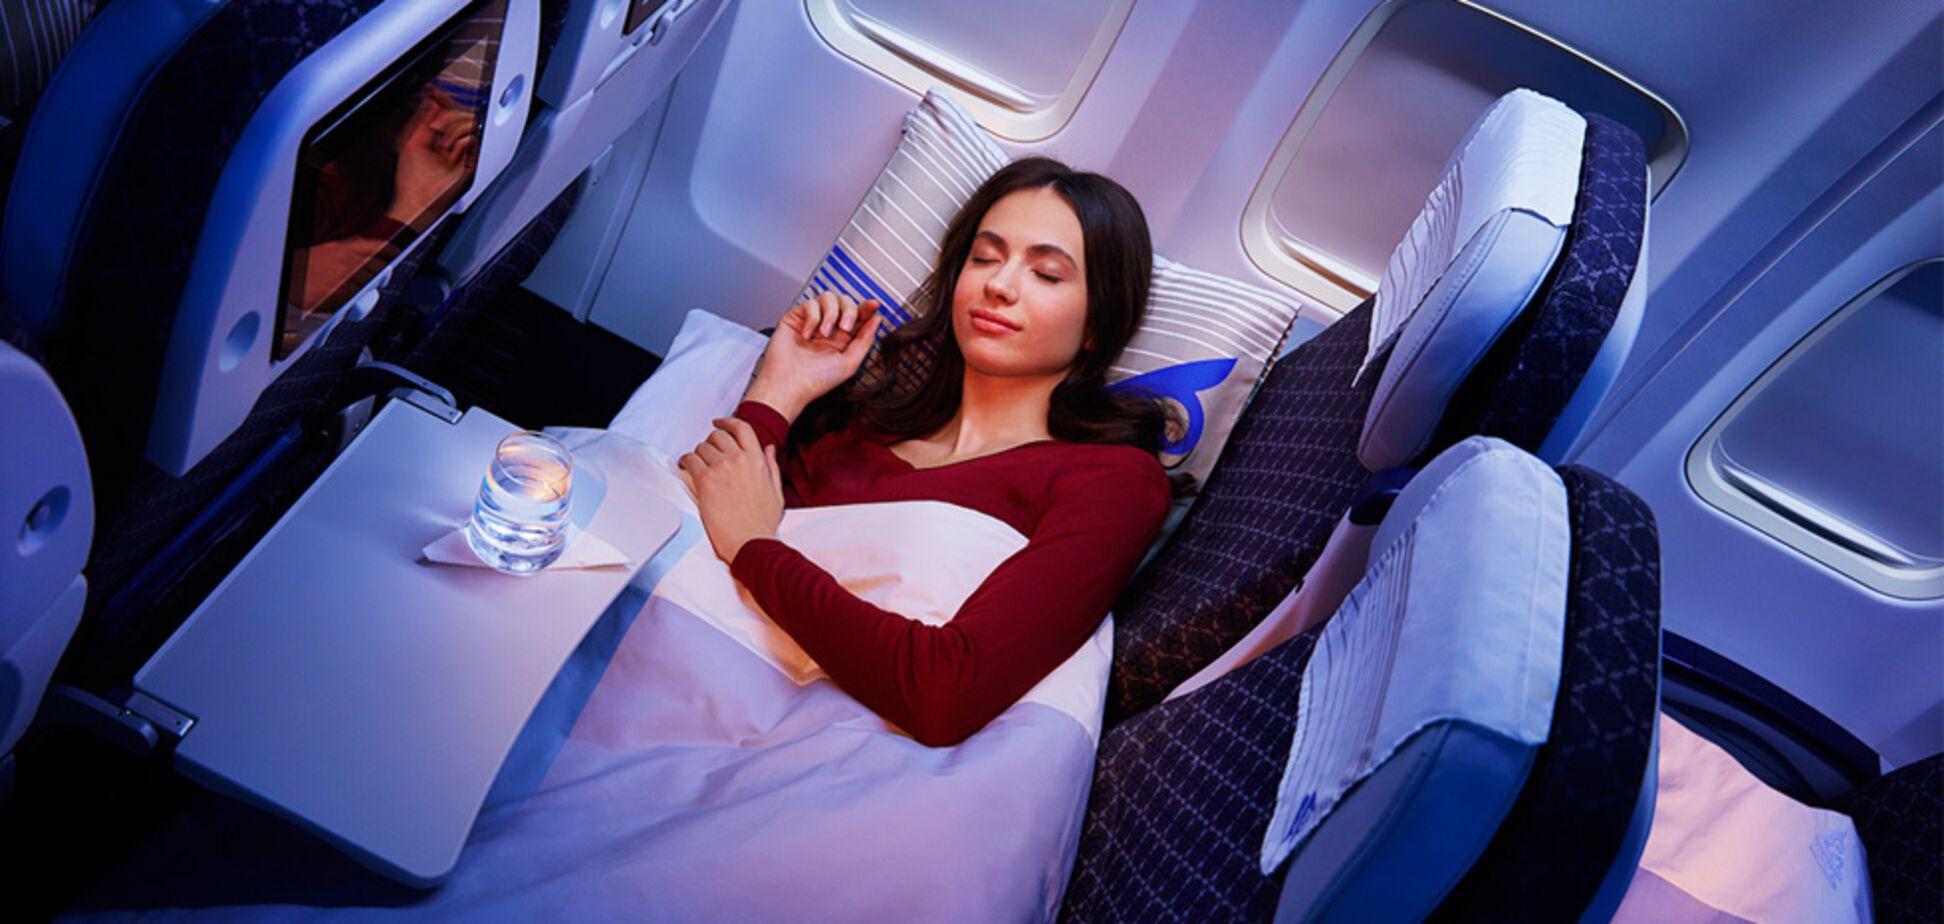 Не спіть на борту літака: лікарі попередили про небезпеку для здоров'я